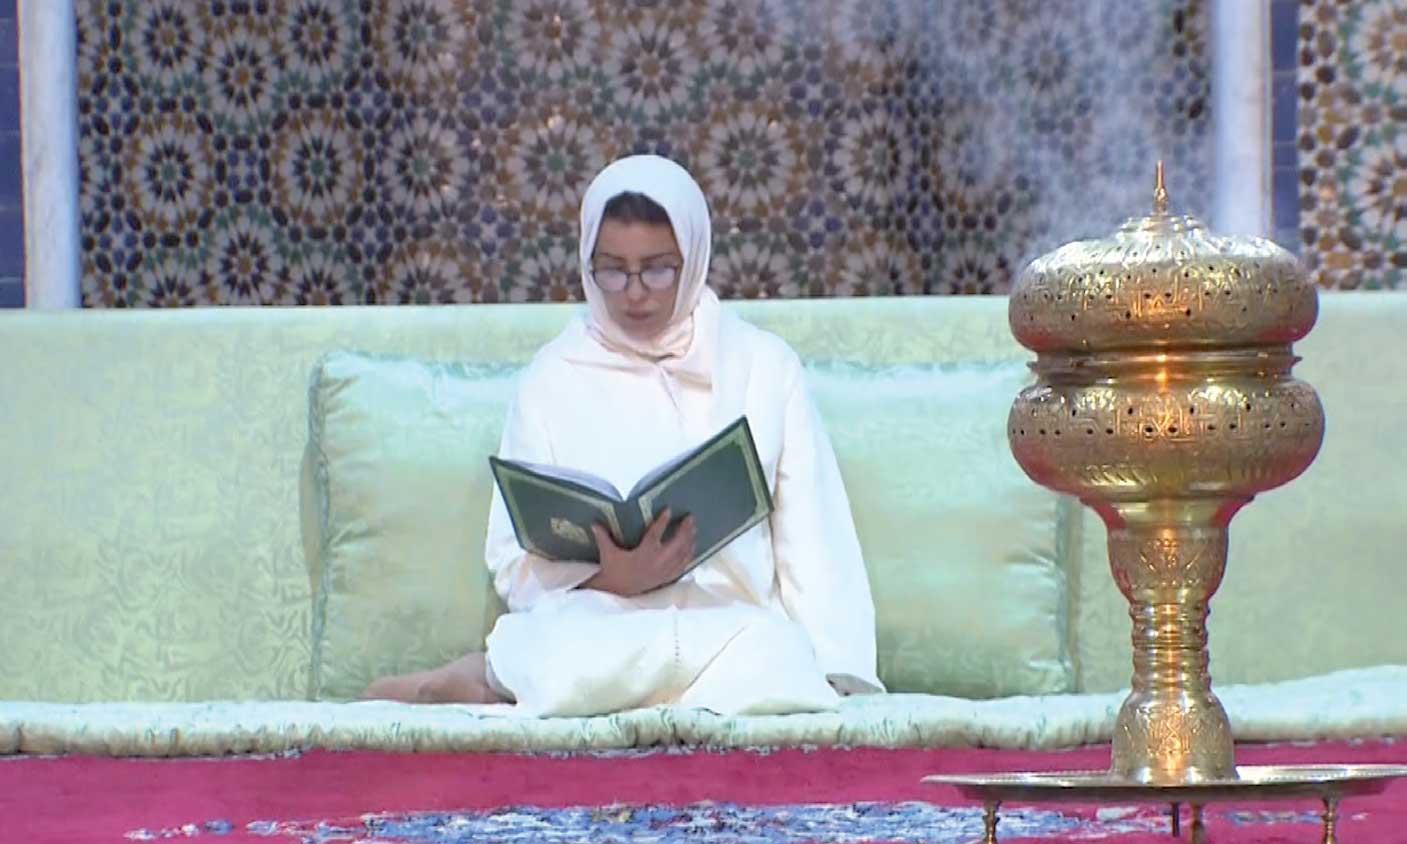 S.A.R. la Princesse Lalla Meryem préside une veillée religieuse en commémoration du 19e anniversaire  de la disparition de feu S.M. Hassan II